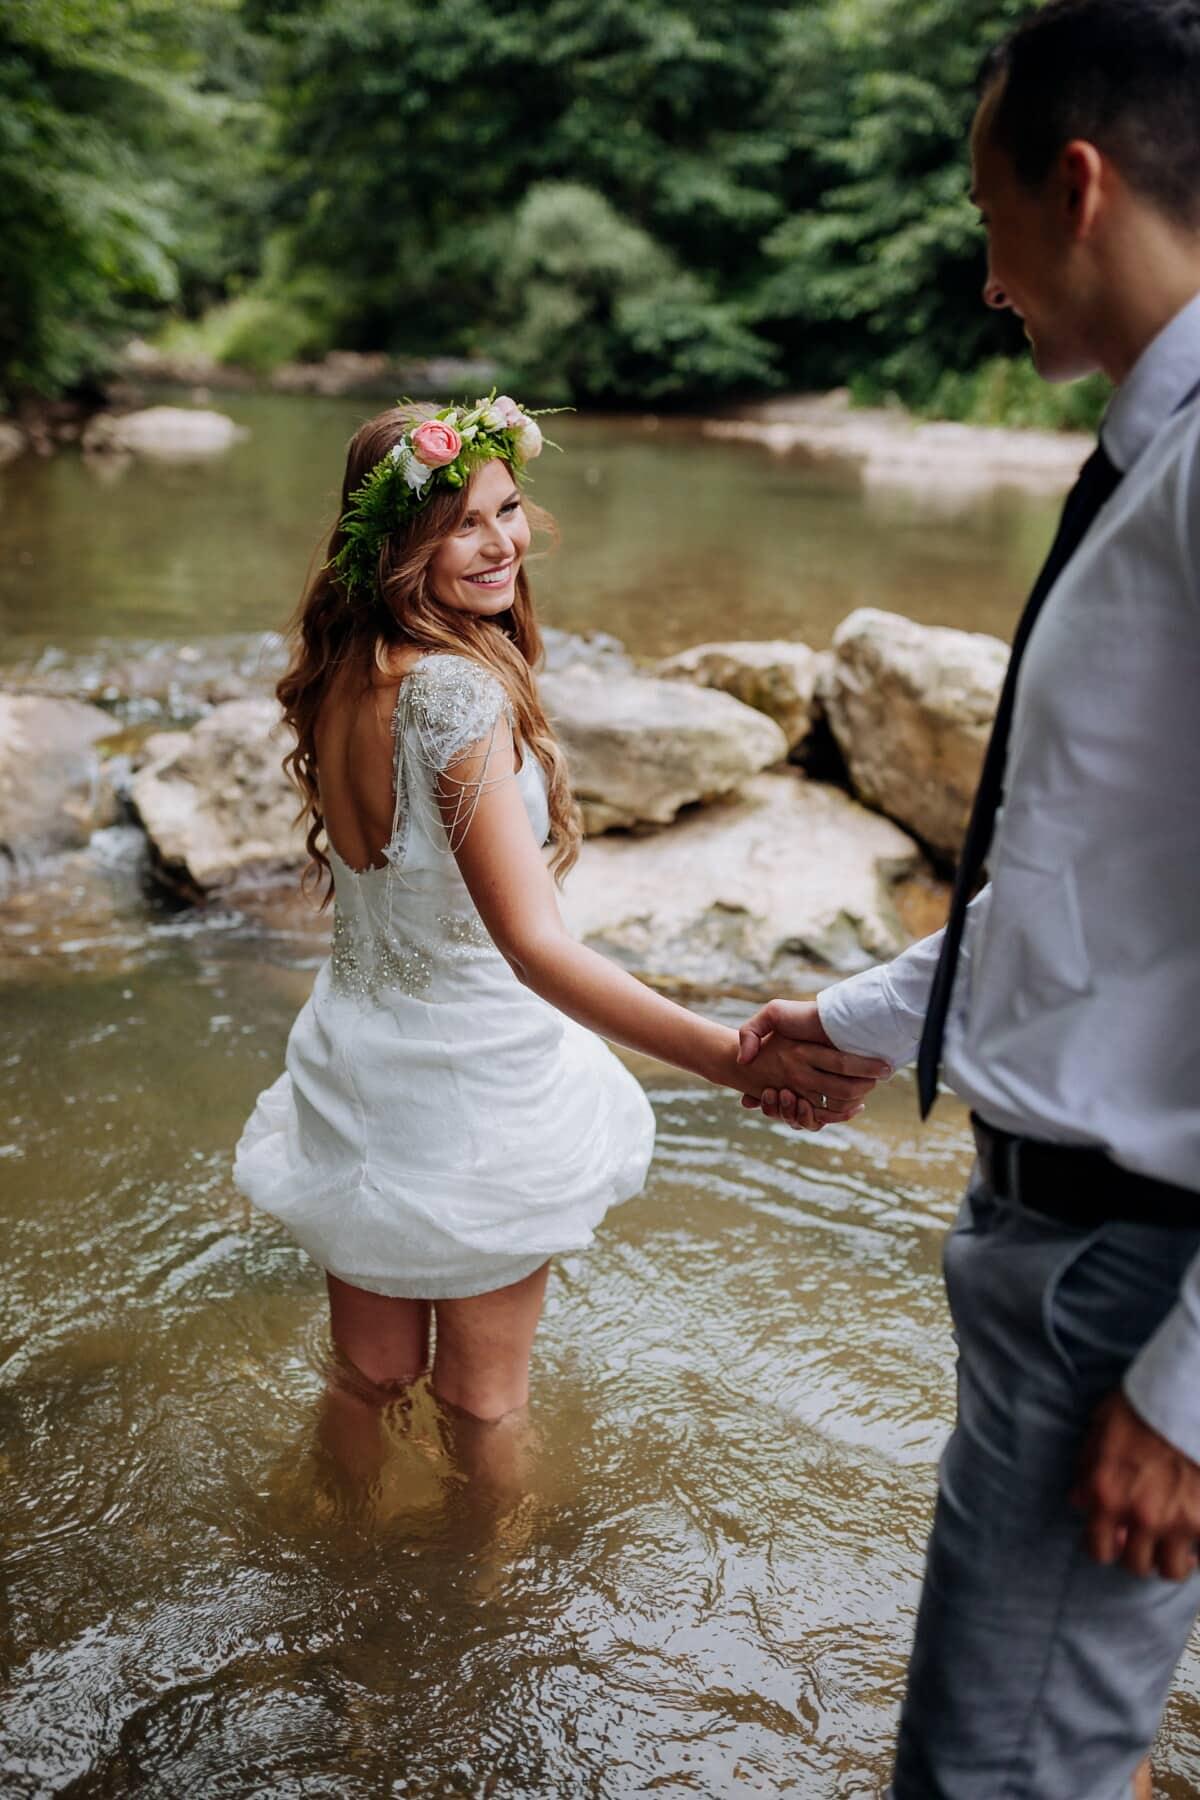 κολύμβησης, νεαρή γυναίκα, φίλος, Ποταμός, συντροφικότητα, φιλενάδα, Αγάπη, νερό, γυναίκα, φύση